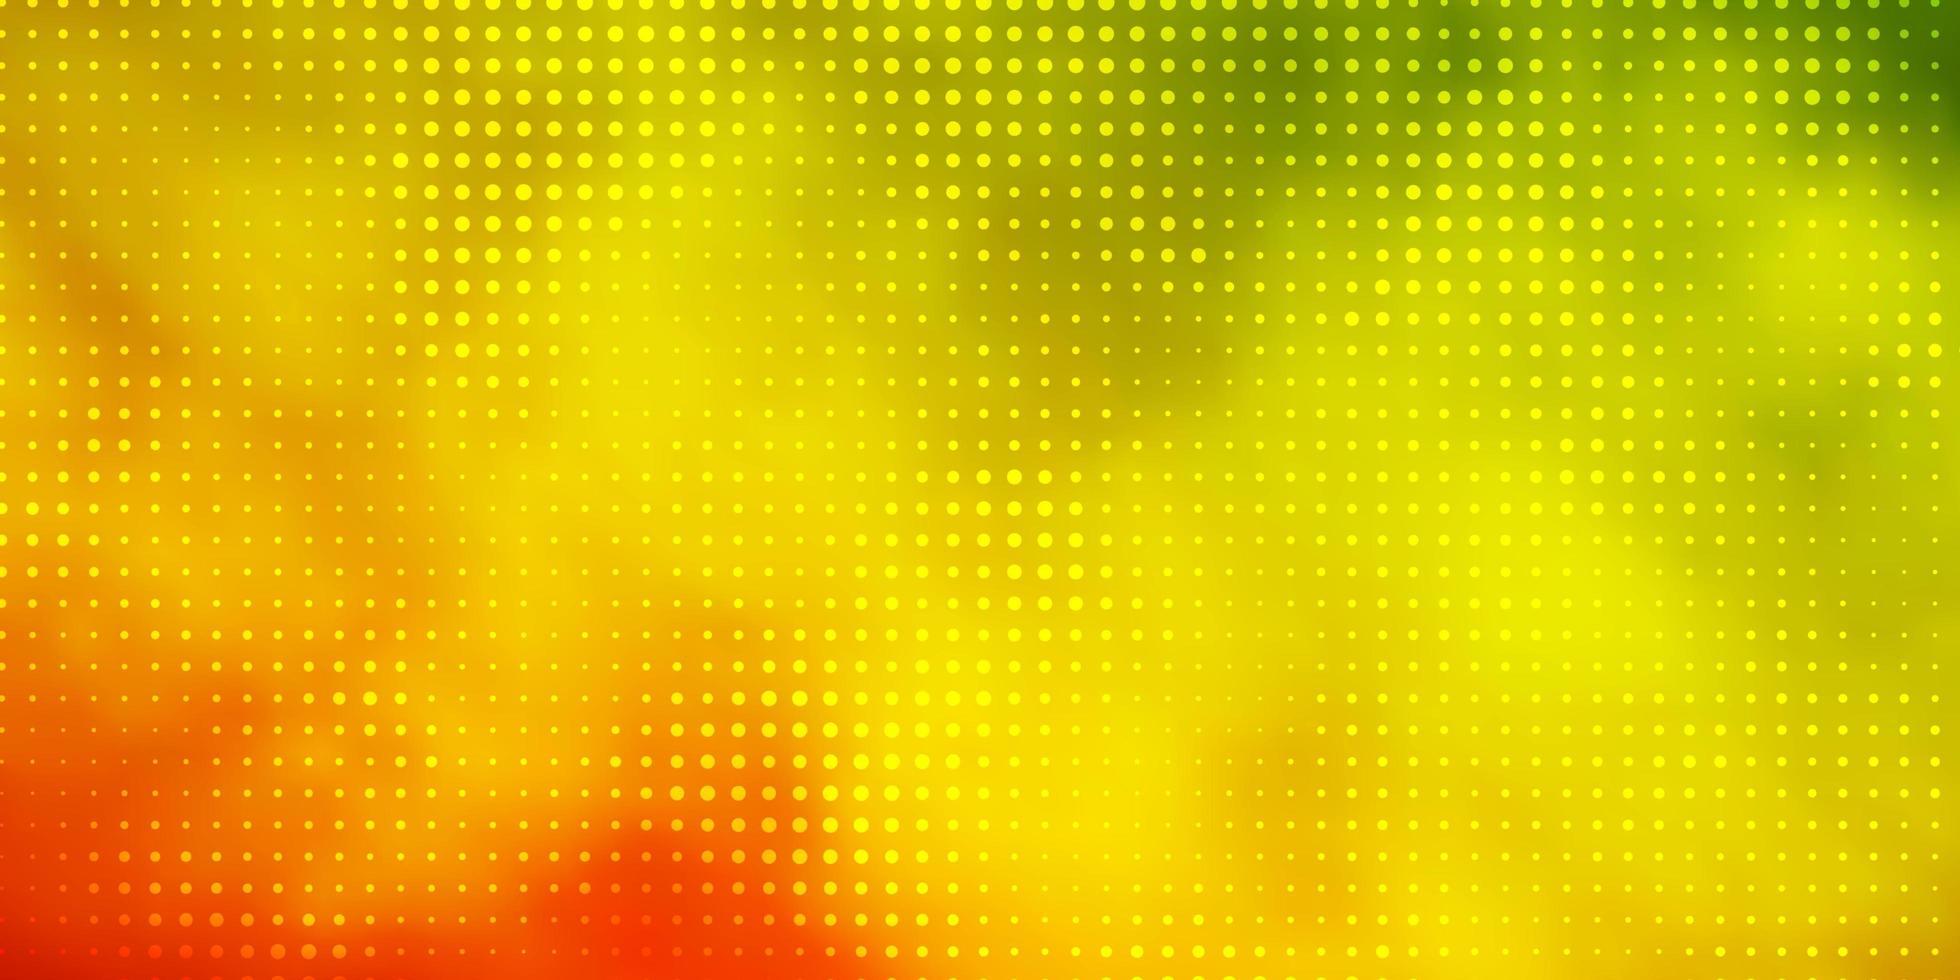 lichtgroene, rode vectorachtergrond met vlekken. vector